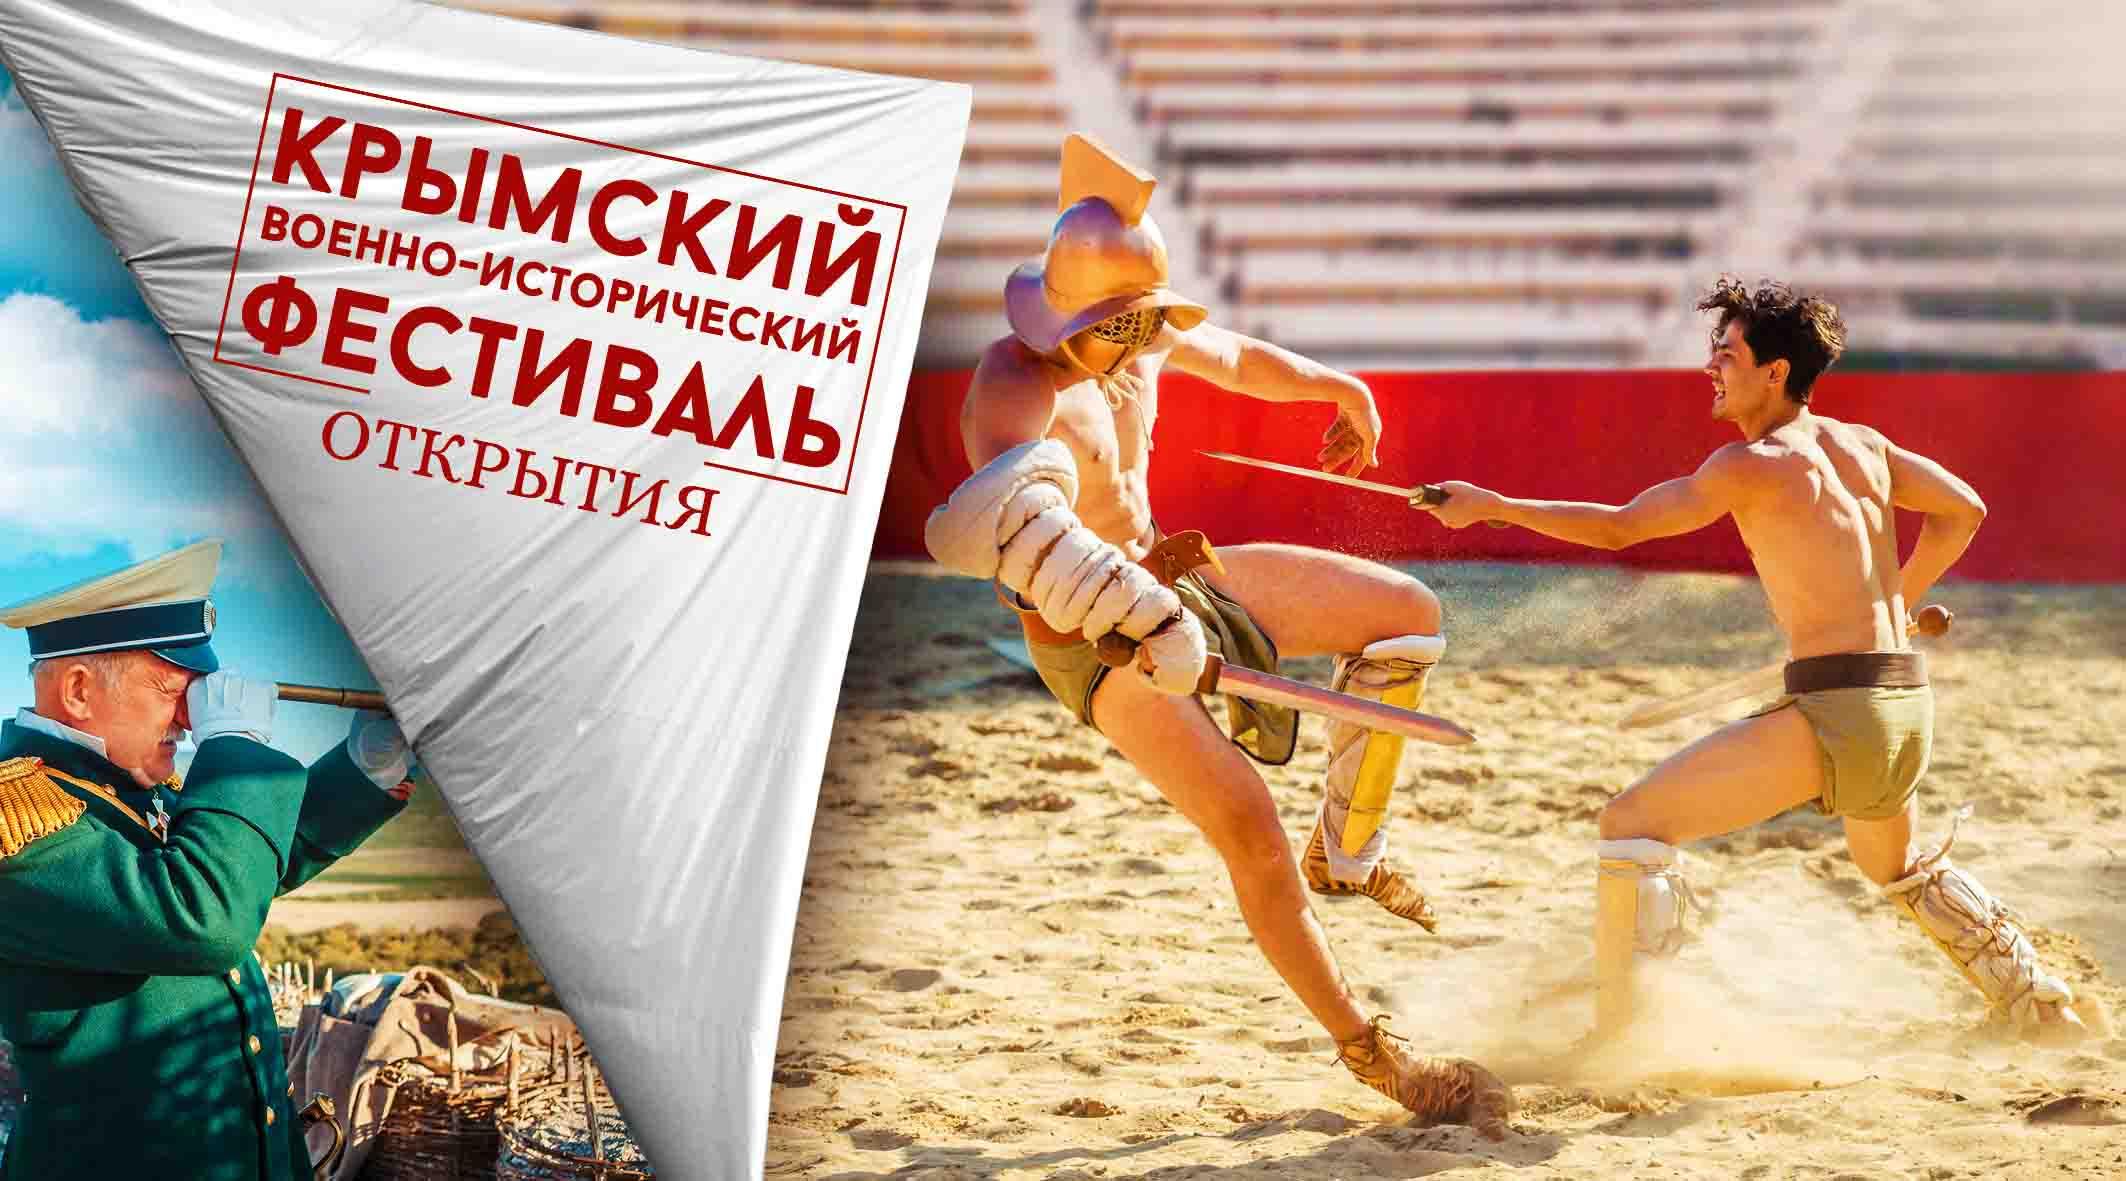 VI Крымский военно-исторический фестиваль 2019